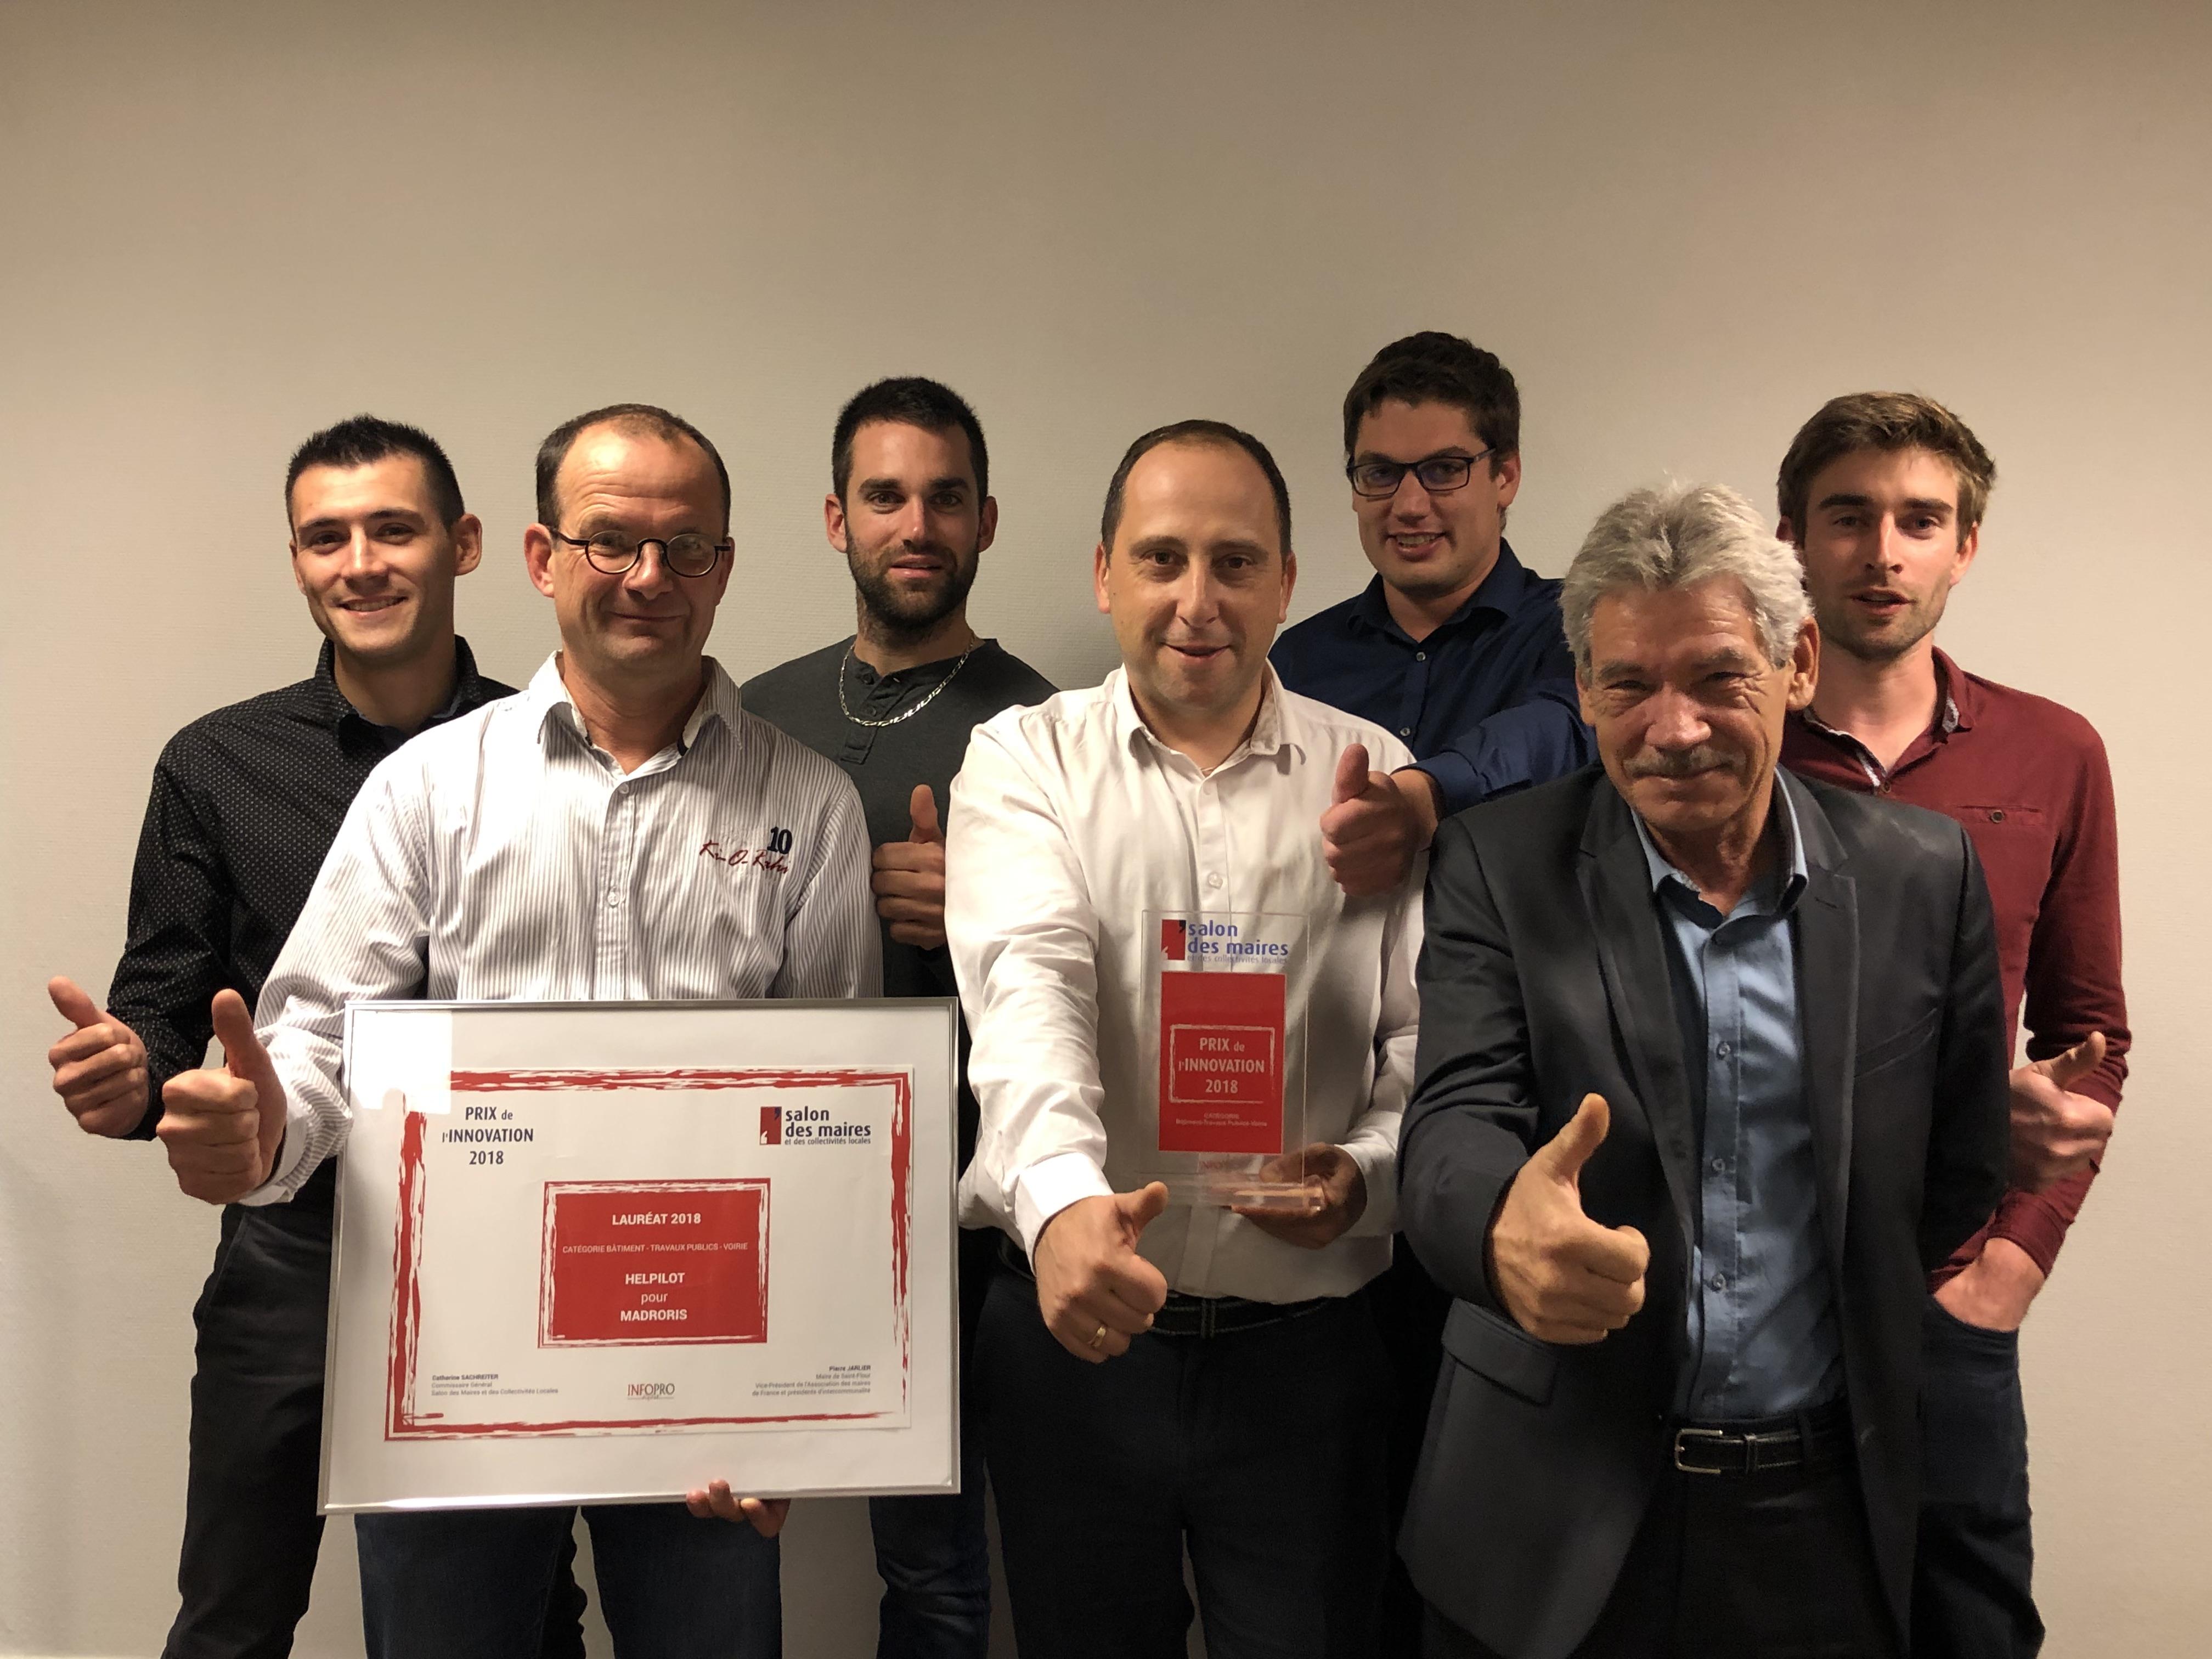 Rodez : une jeune entreprise couronnée au salon des maires